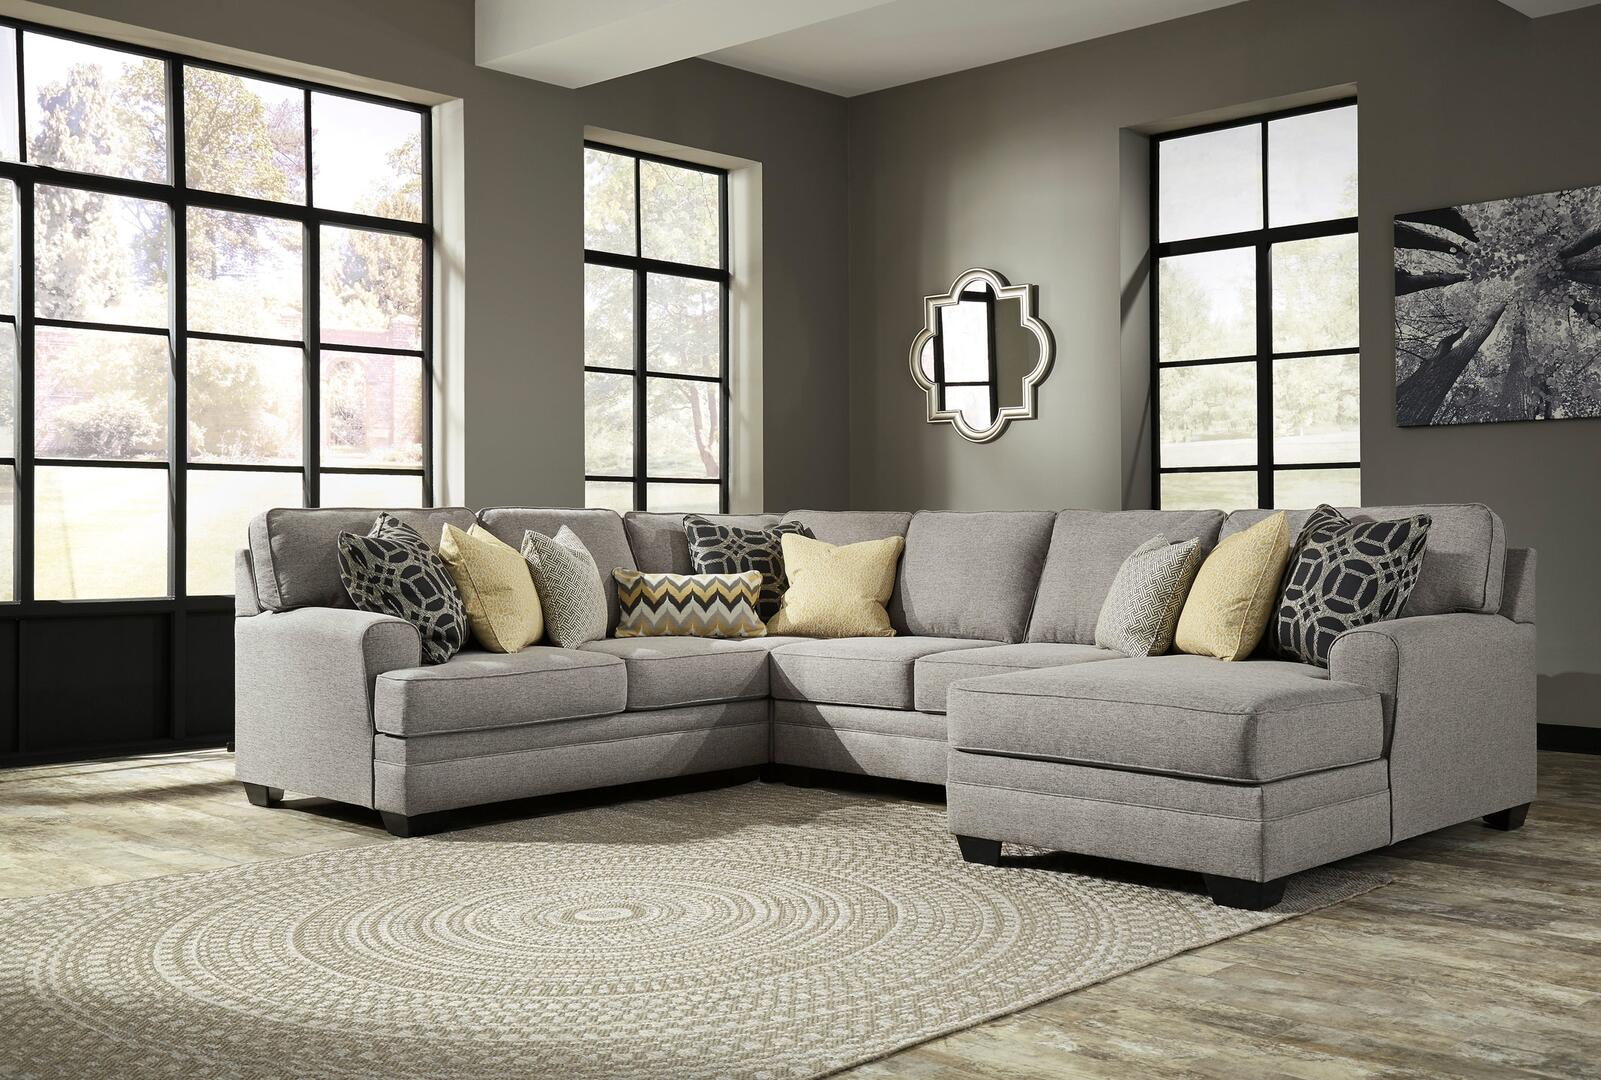 milo corner sofa groupon review cama abatible vertical italia mi154472414338pewt lindsay series stationary